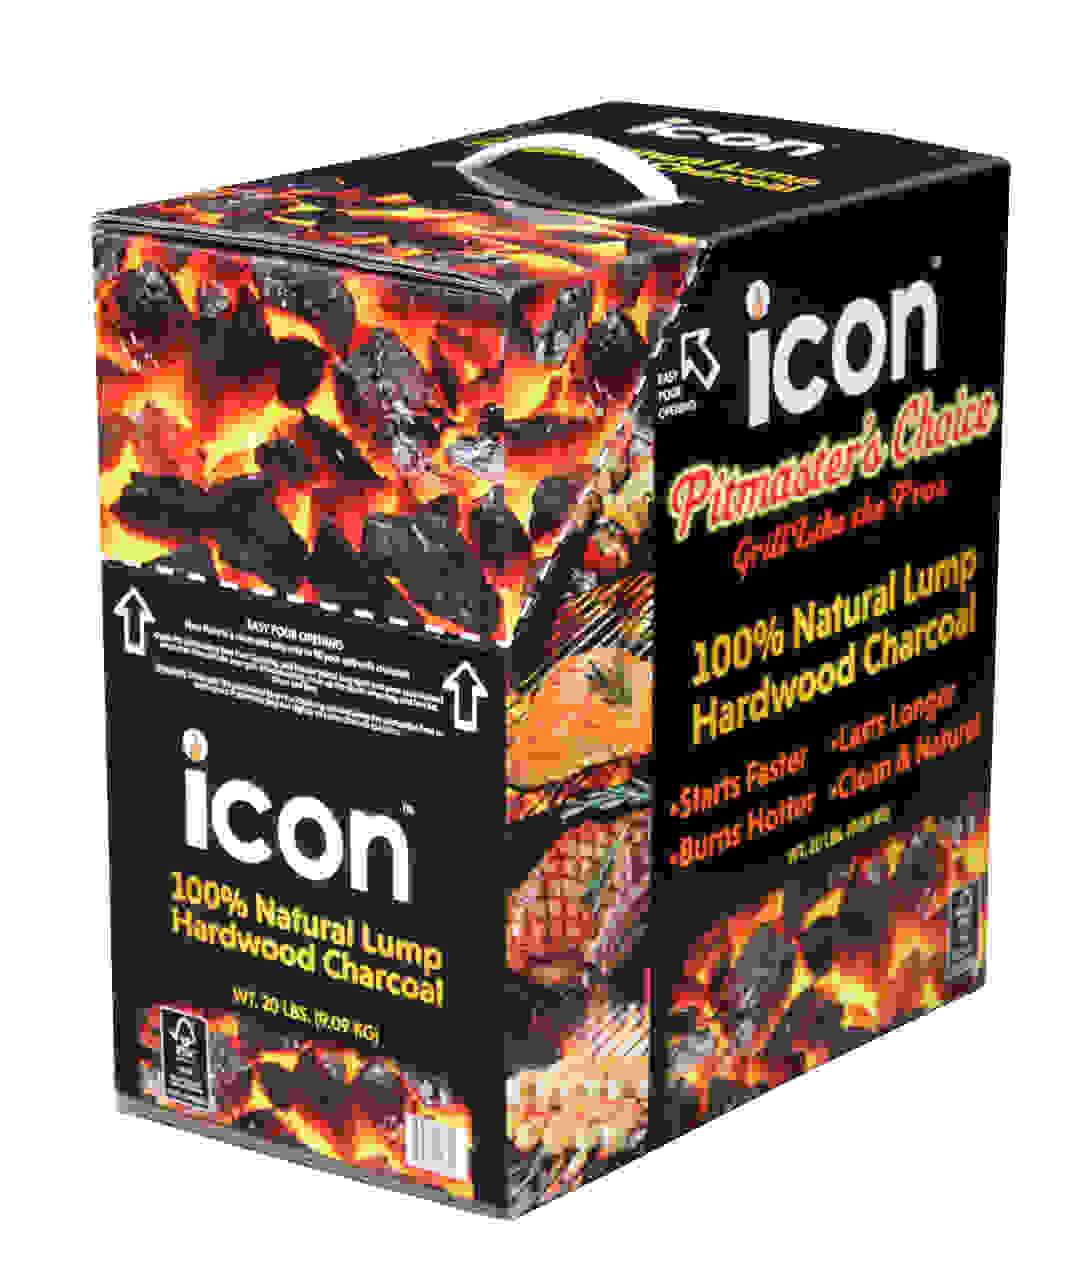 Icon Harwood lump charcoal.